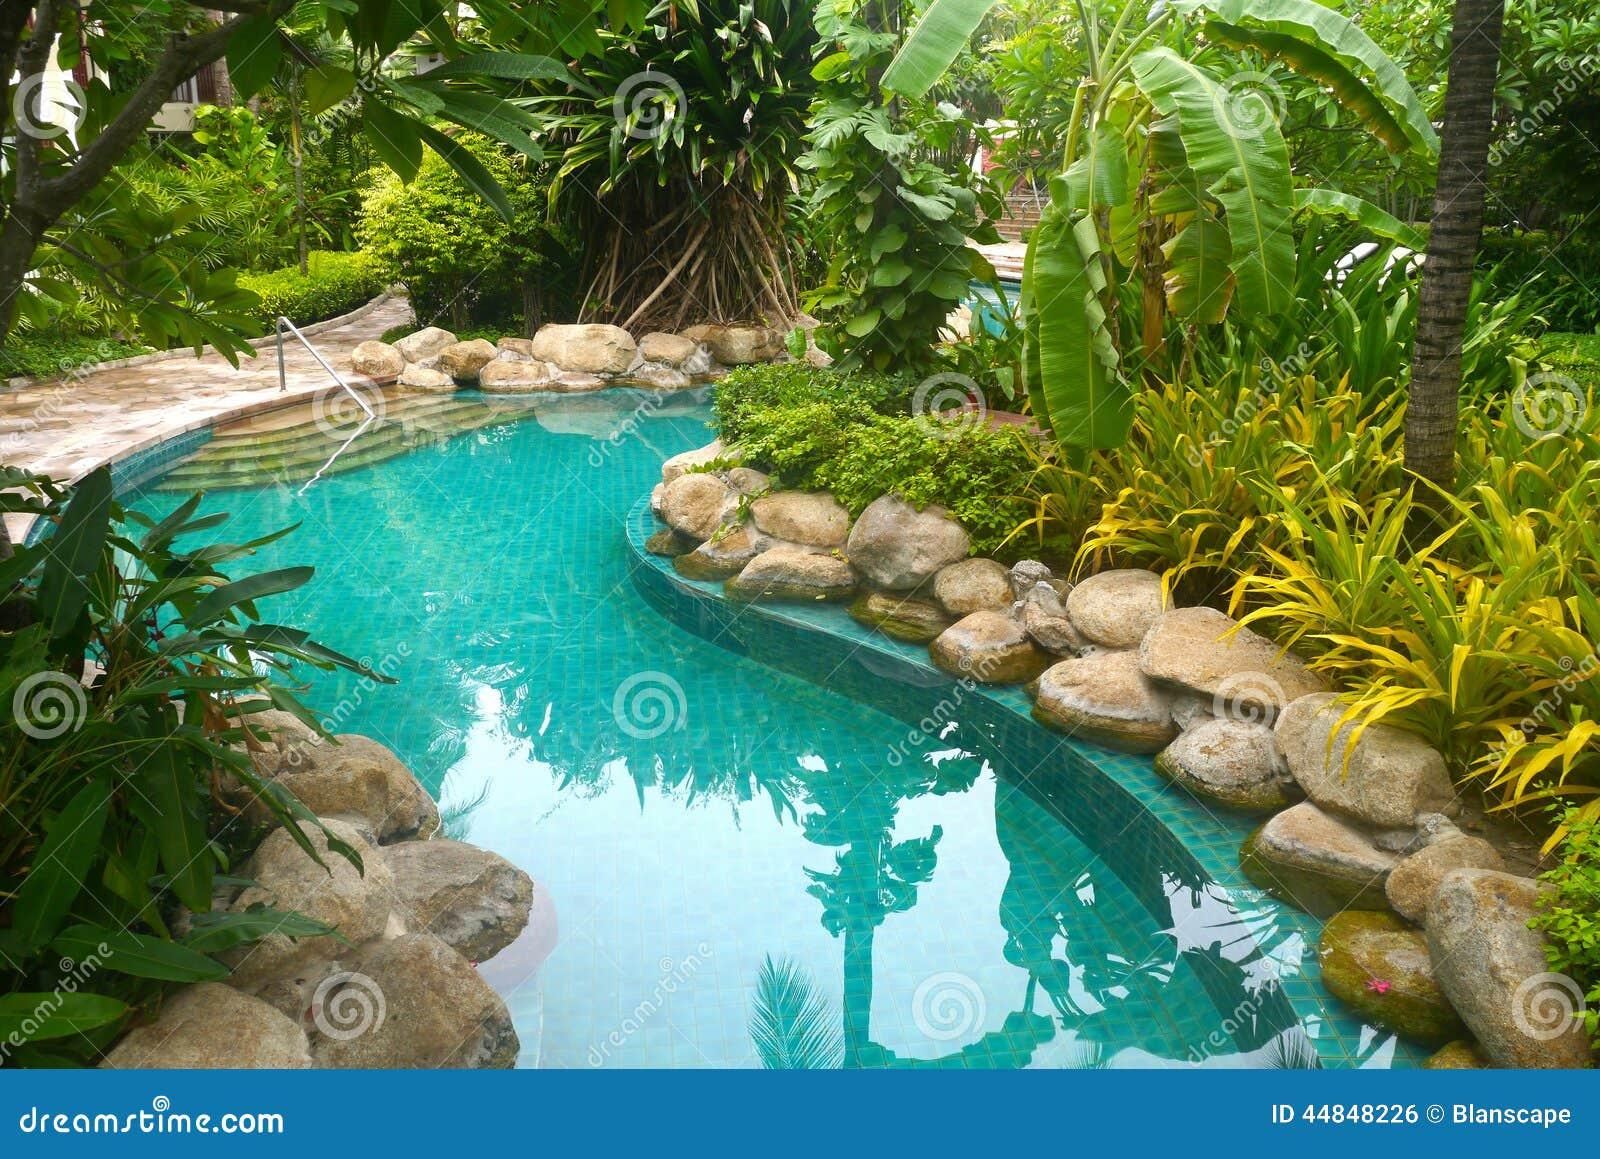 Piscina com decora o do jardim foto de stock imagem for Piscina e maschile o femminile